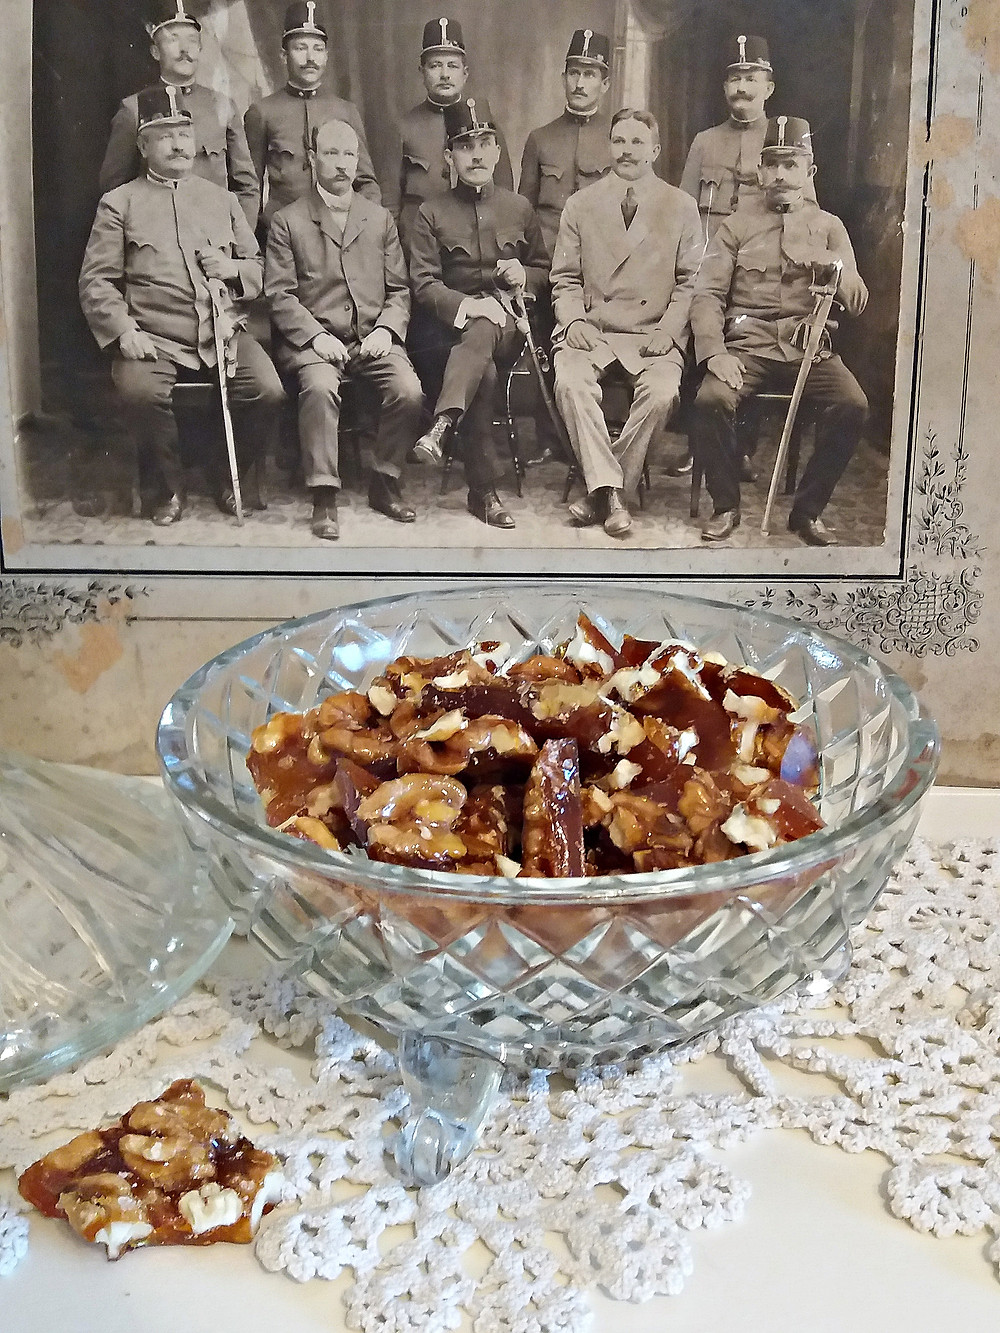 Nucă caramelizată - Fotografie: Oana Pavăl (Bîrgăoanu)